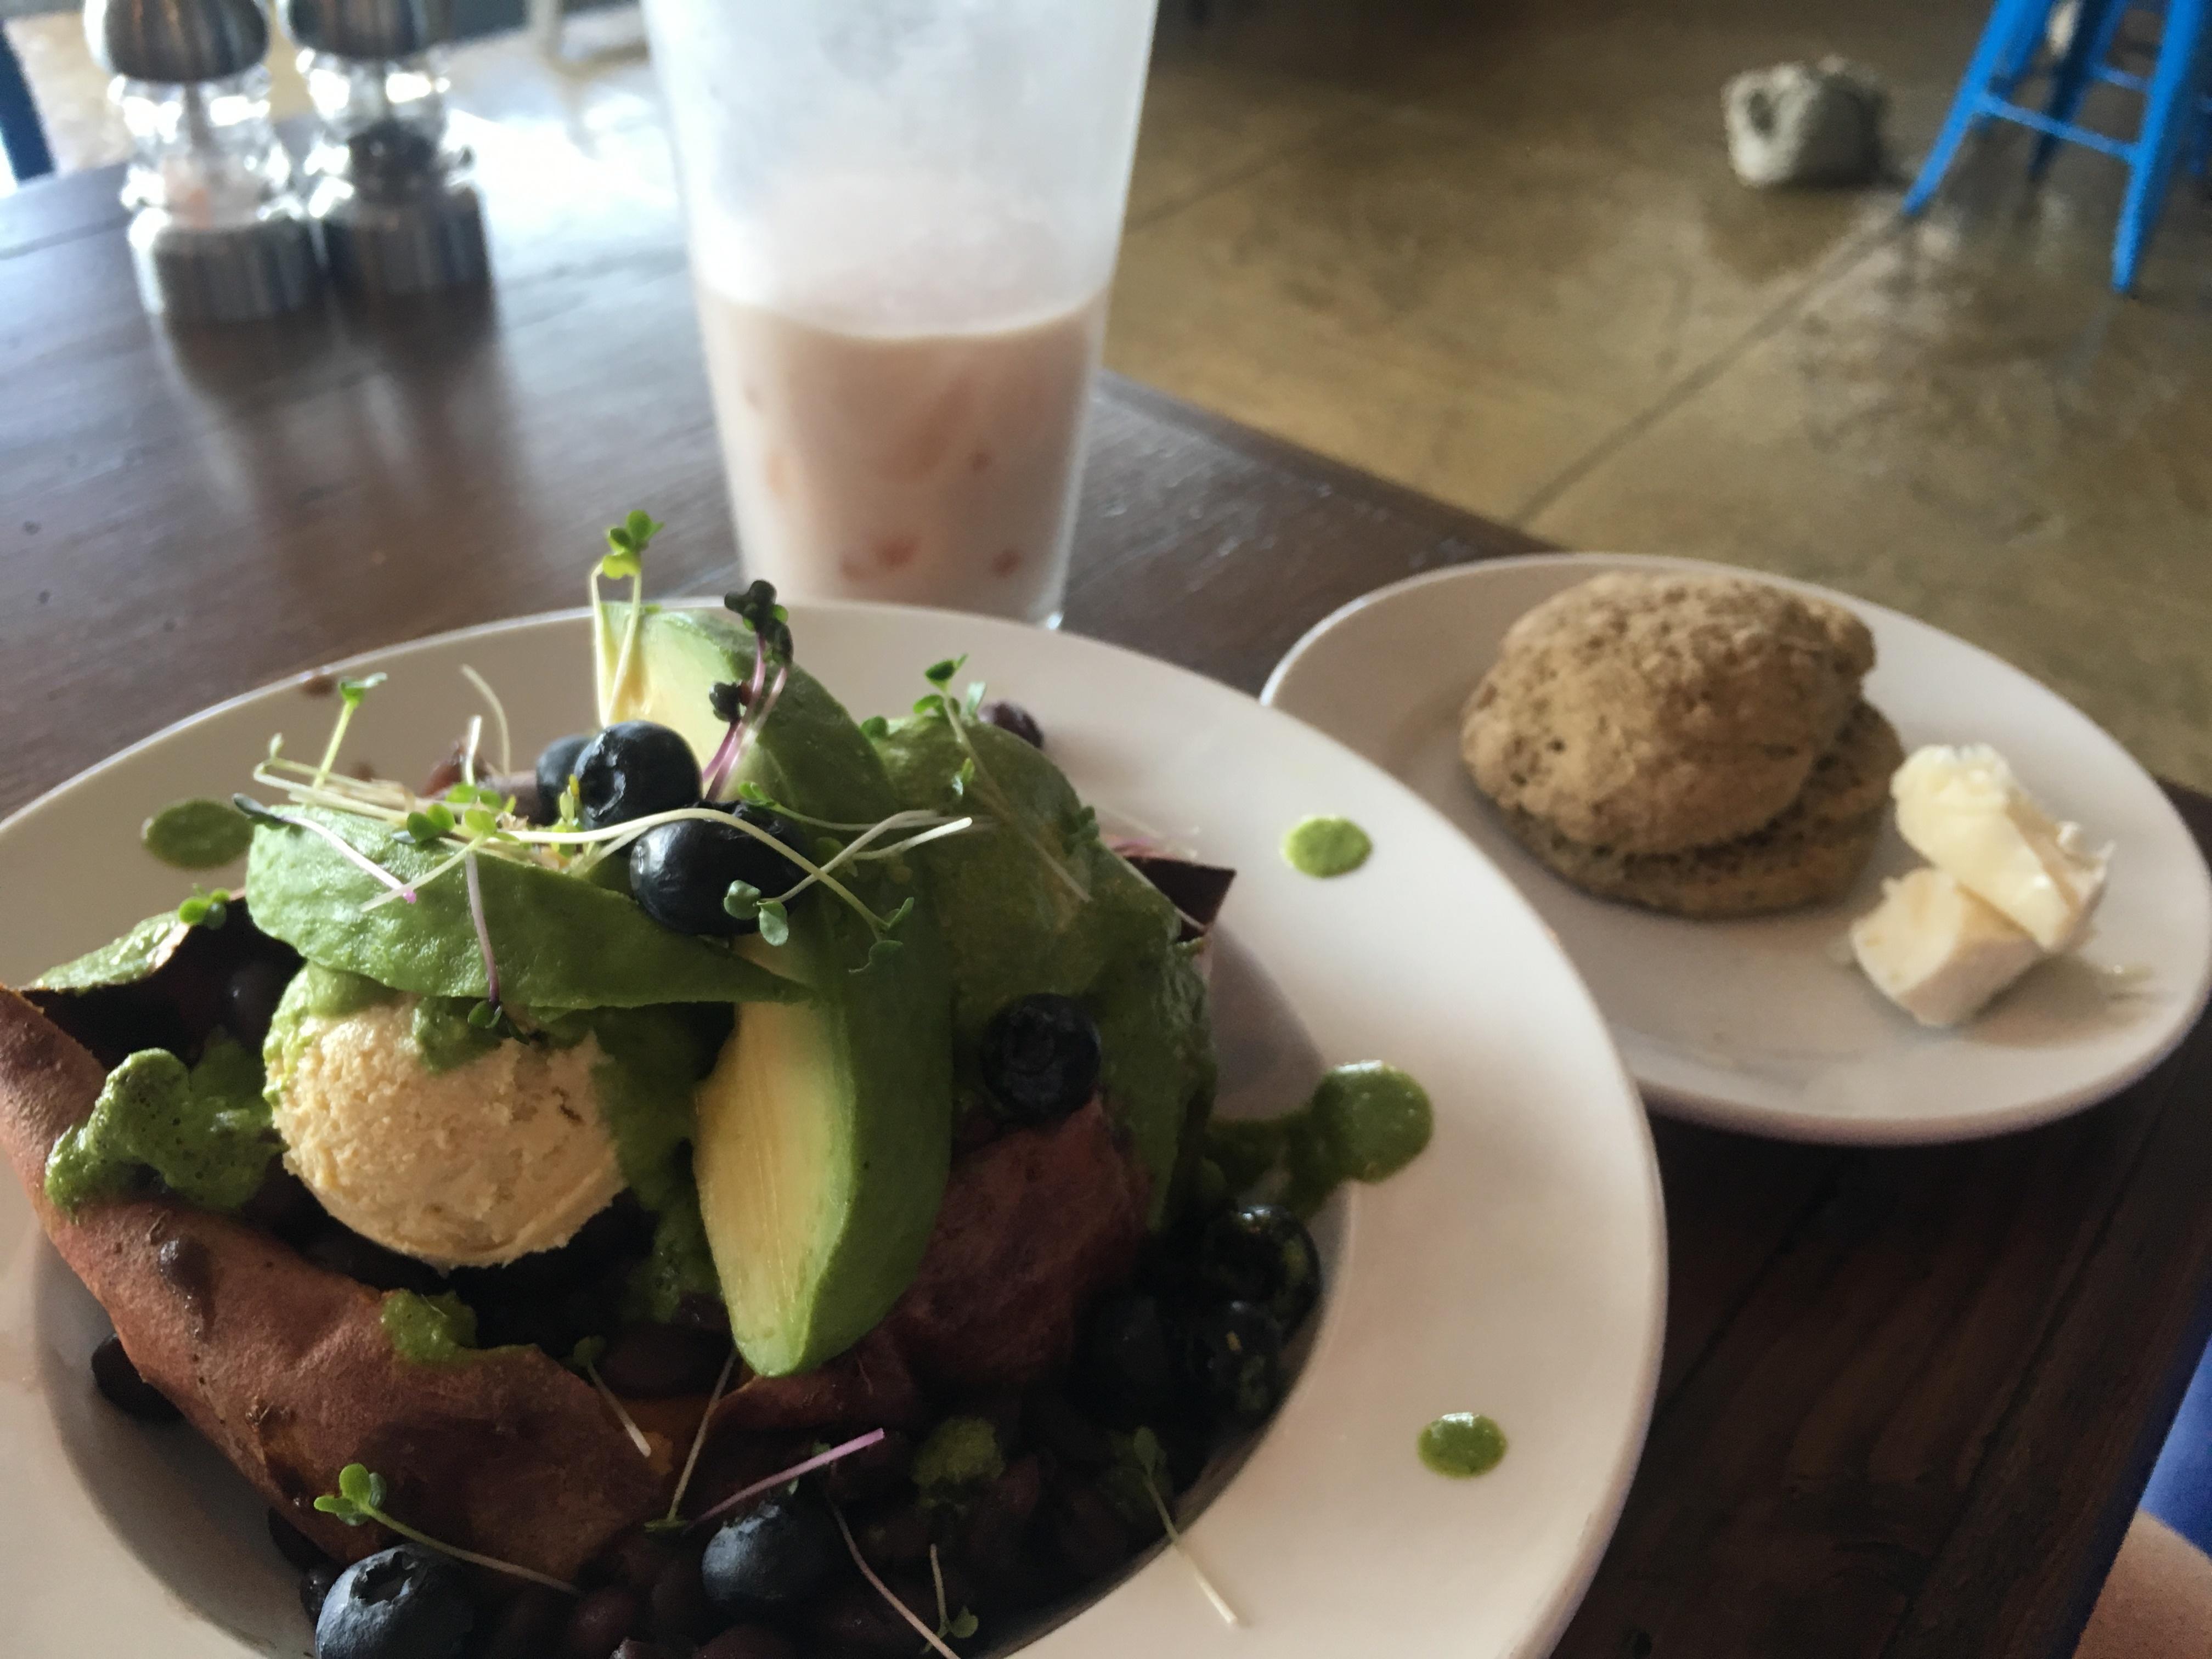 Lunch @ 24 Karrot Kitchen in Brecksville